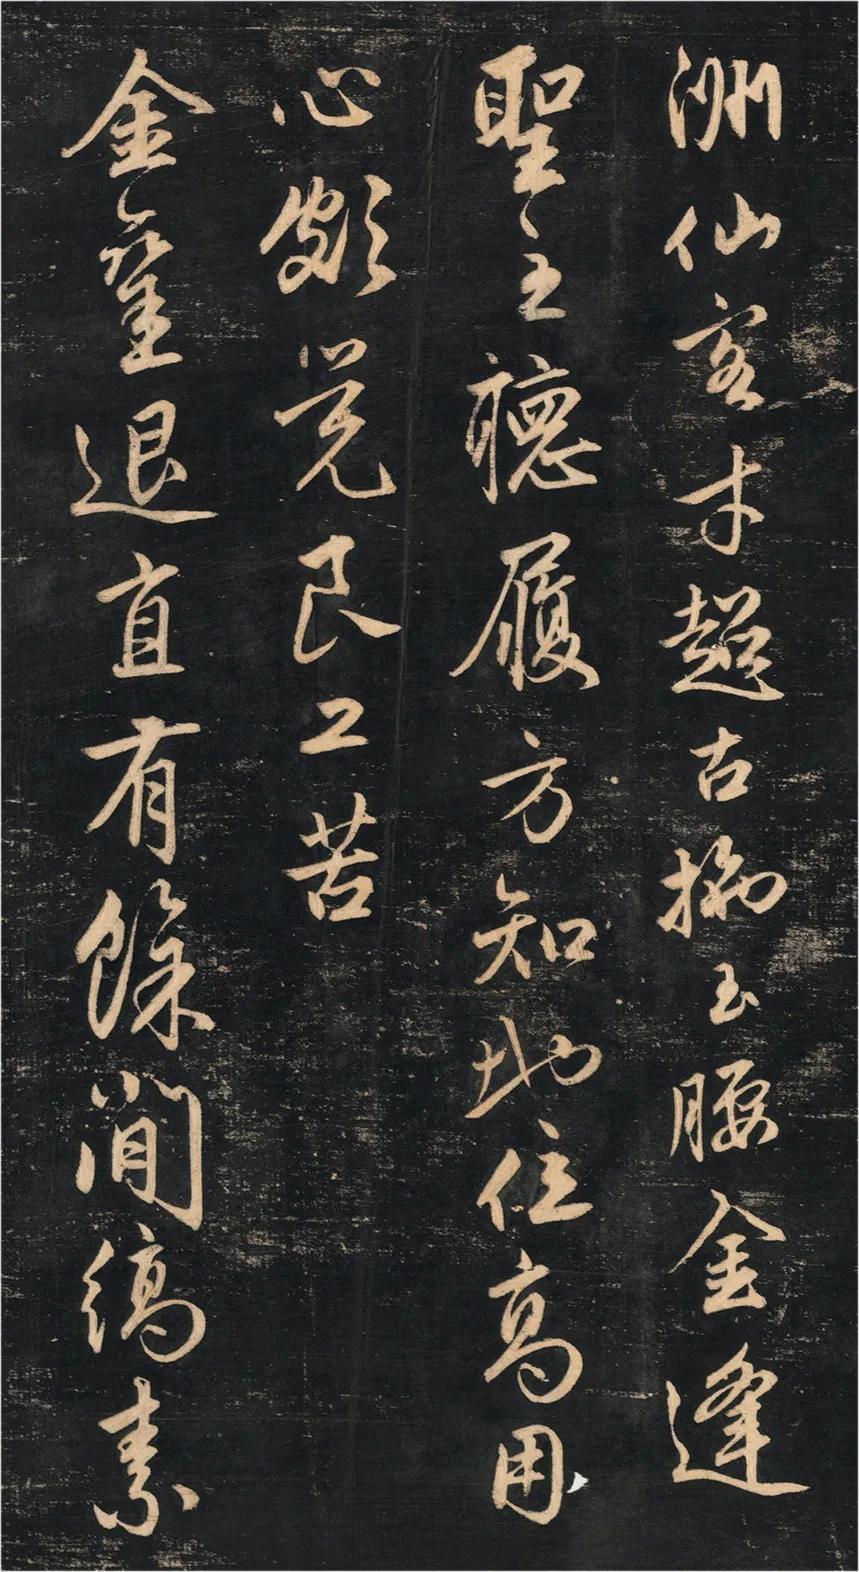 赵孟頫《蜀山图歌》晚年作品欣赏